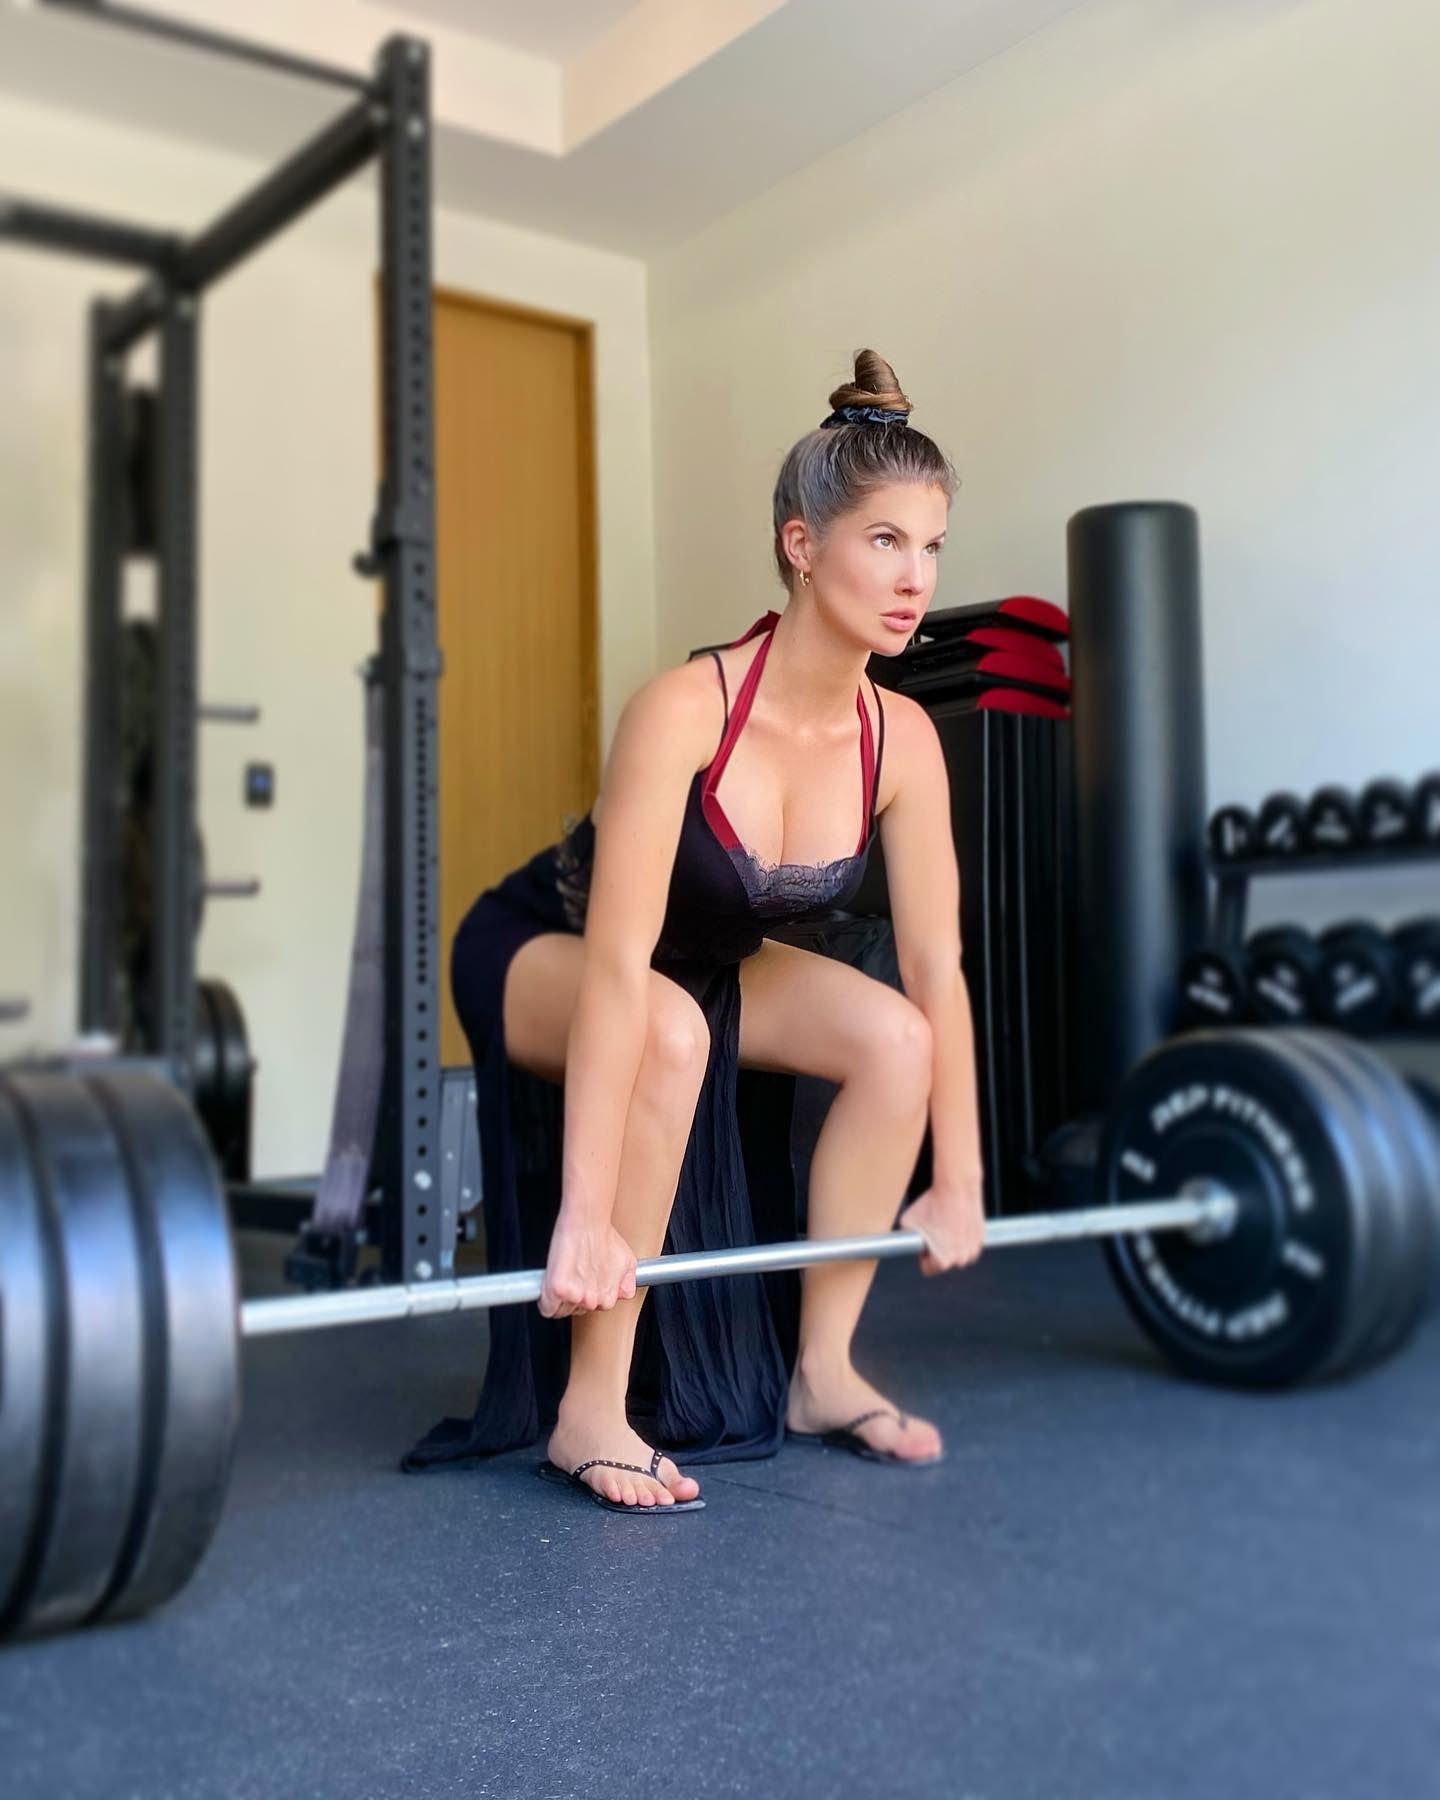 Amanda Cerny Sexy In Gym